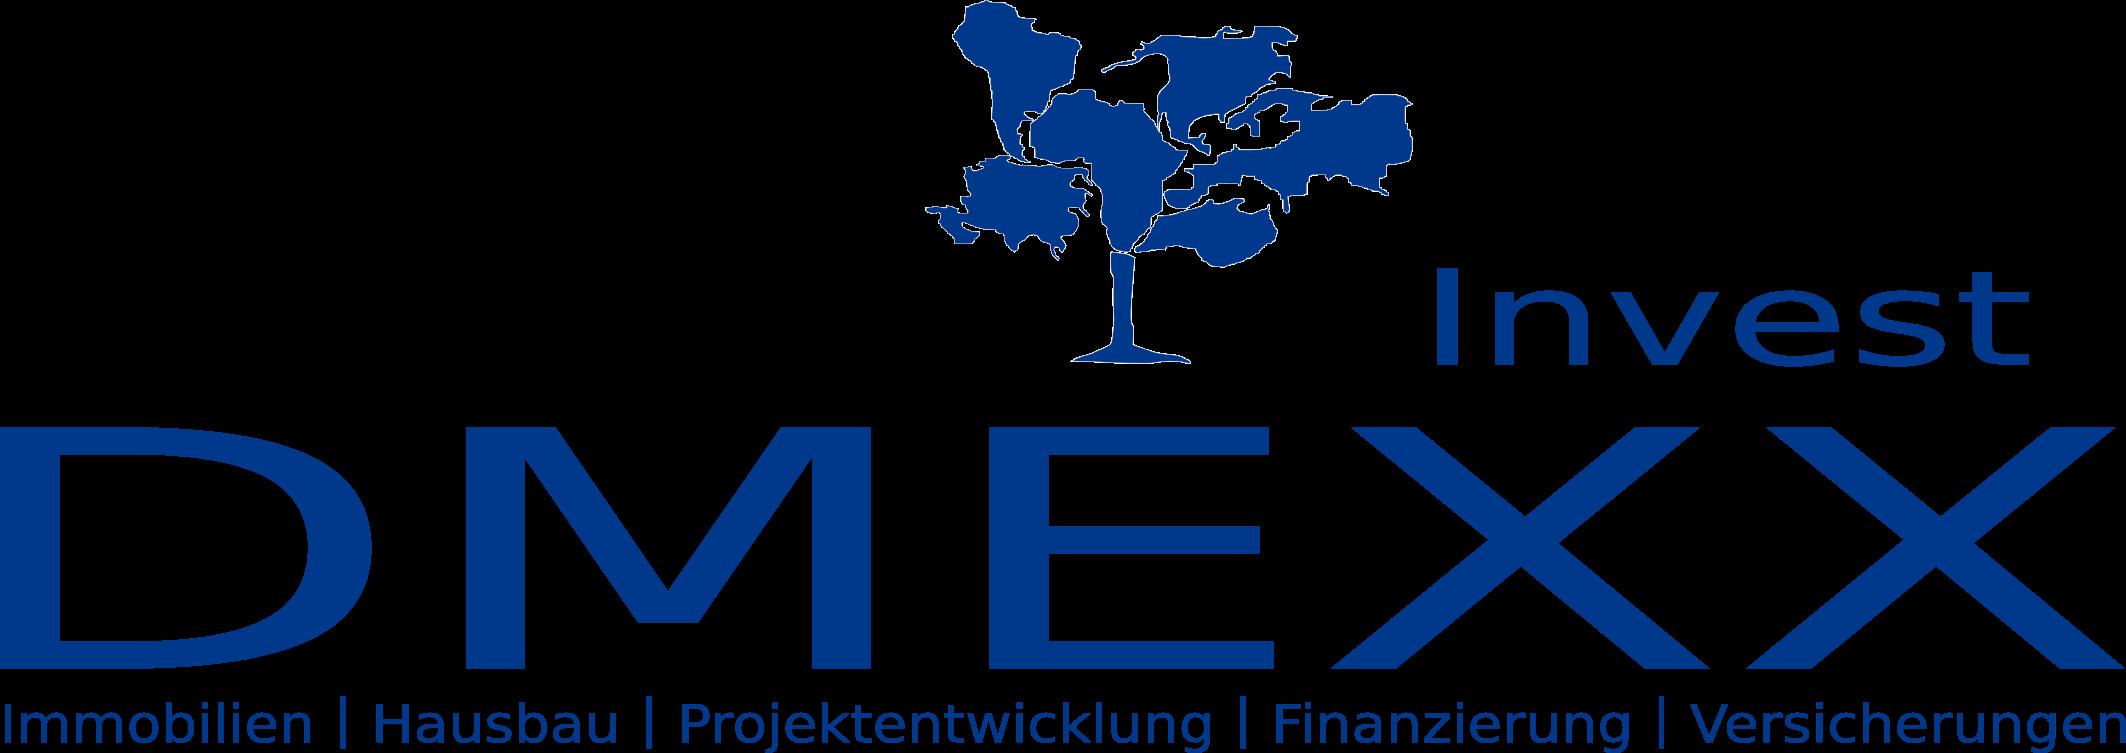 DMEXX Invest UG